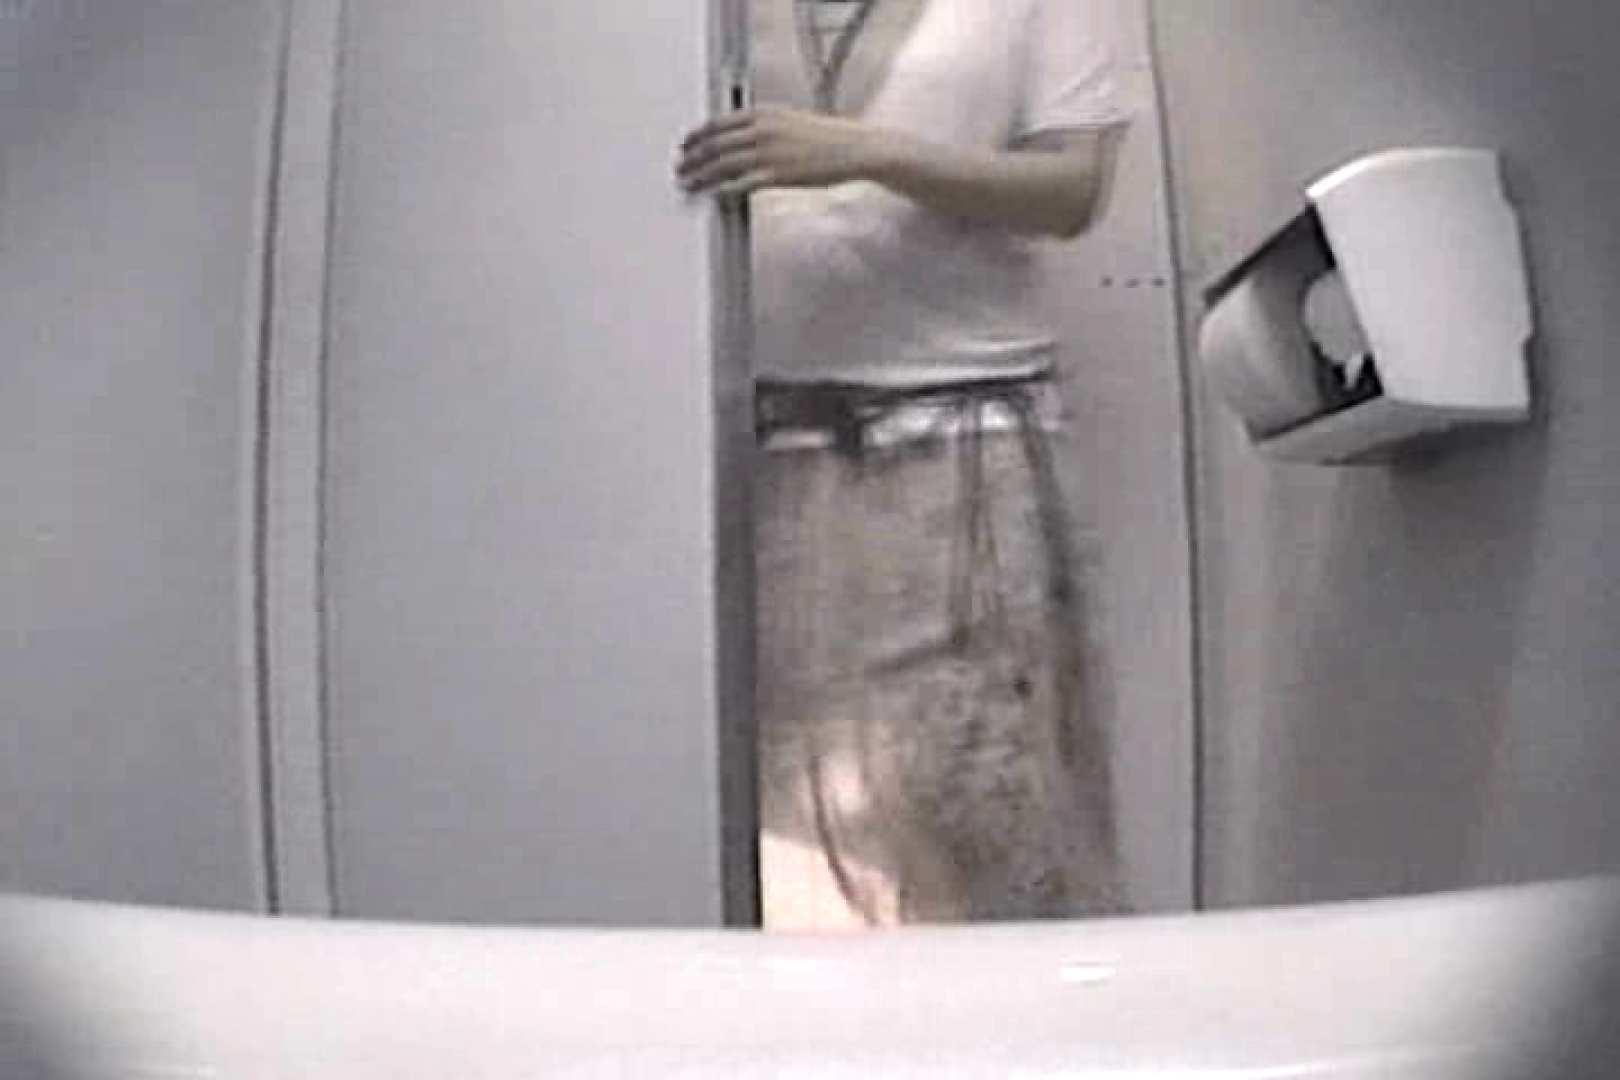 個室狂いのマニア映像Vol.4 エロティックなOL 盗撮画像 61画像 47